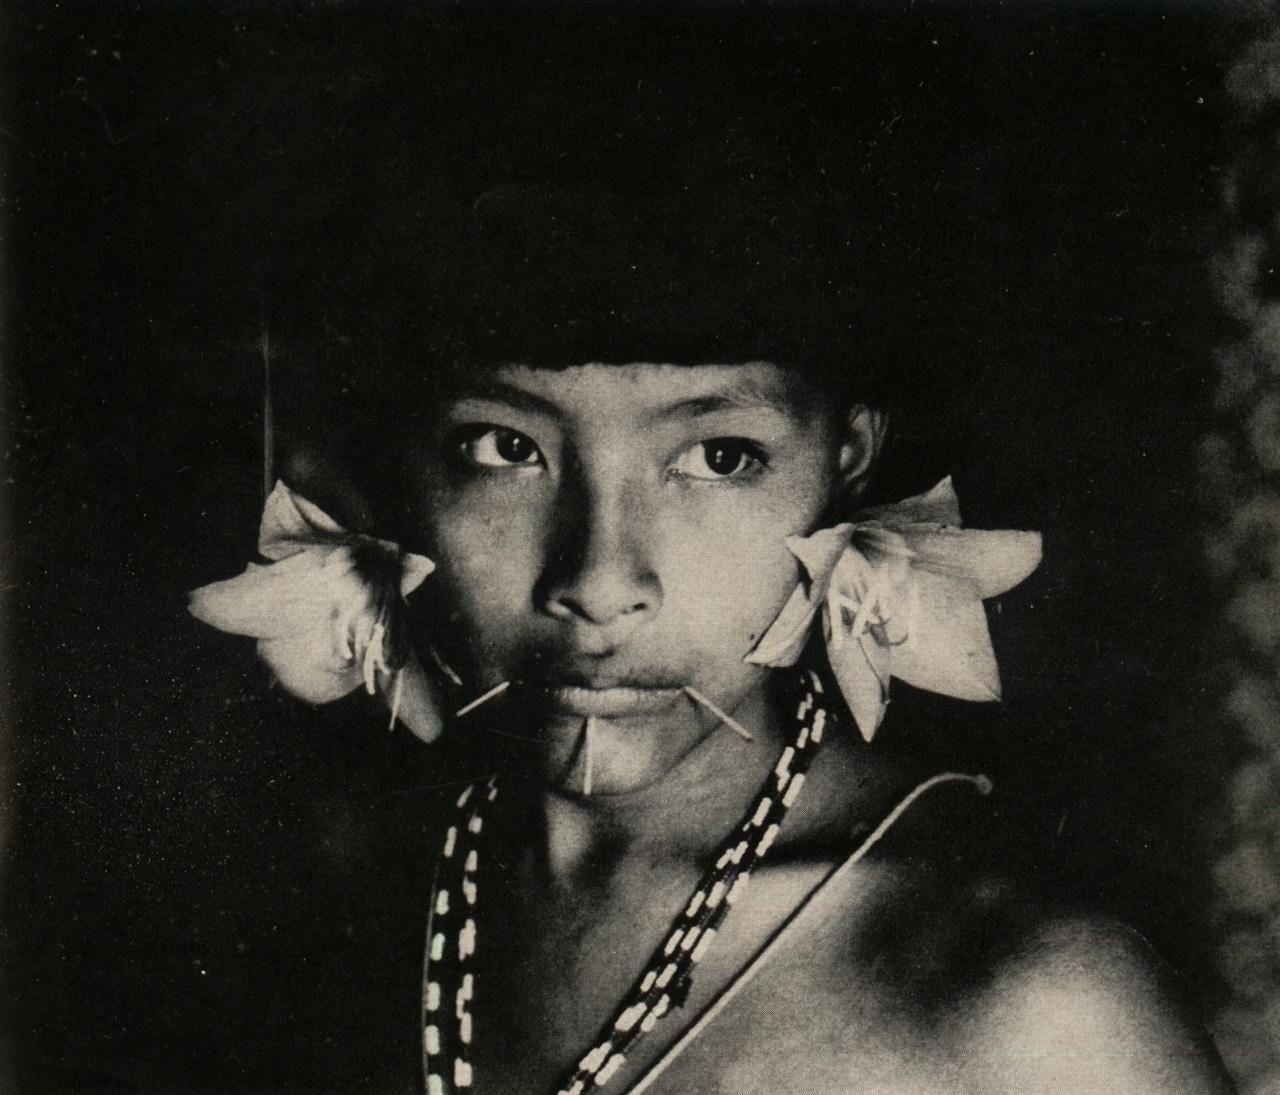 Mujer Sanemá-Yanoama con sus adornos. Daniel de Barandiarán Vida y muerte entre los indios sanemá-yanoama Antropológica n° 21, diciembre de 1967